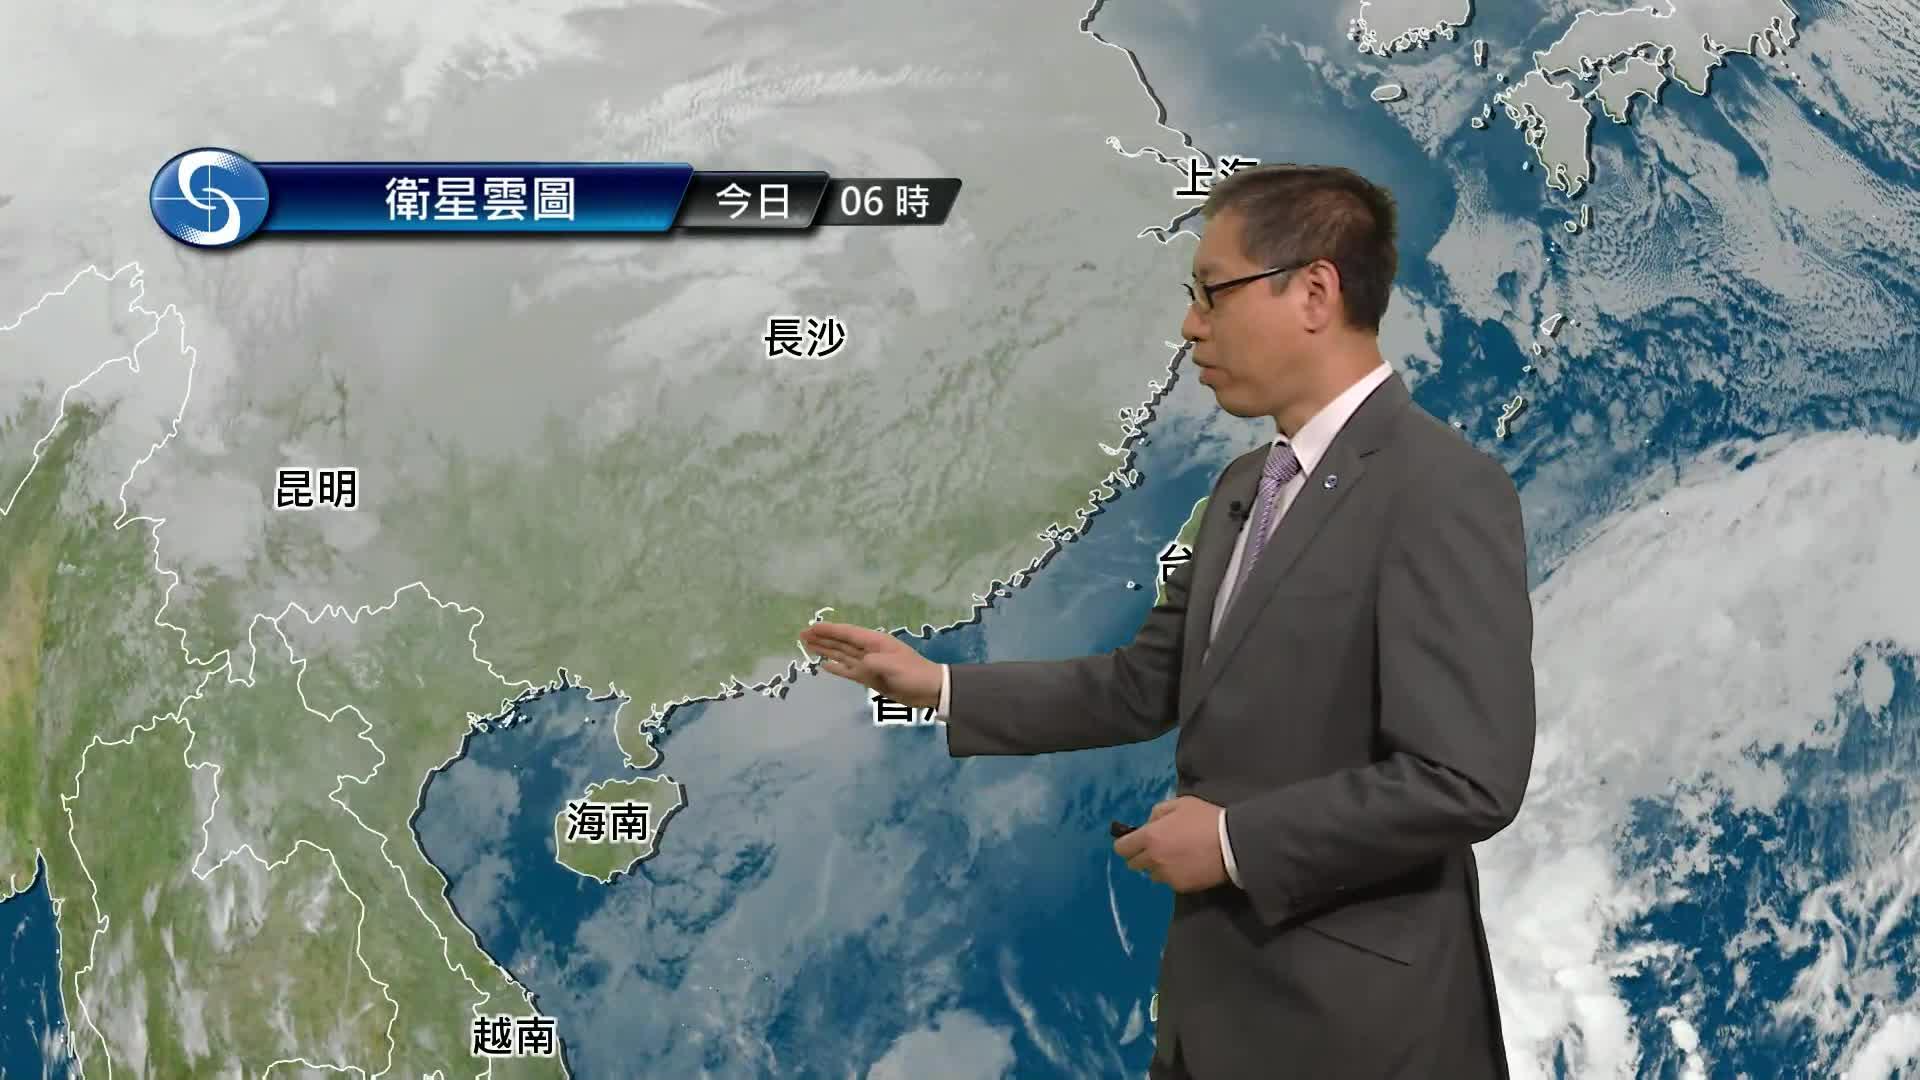 早晨天氣節目(01月20日上午8時) - 署理高級科學主任楊國仲